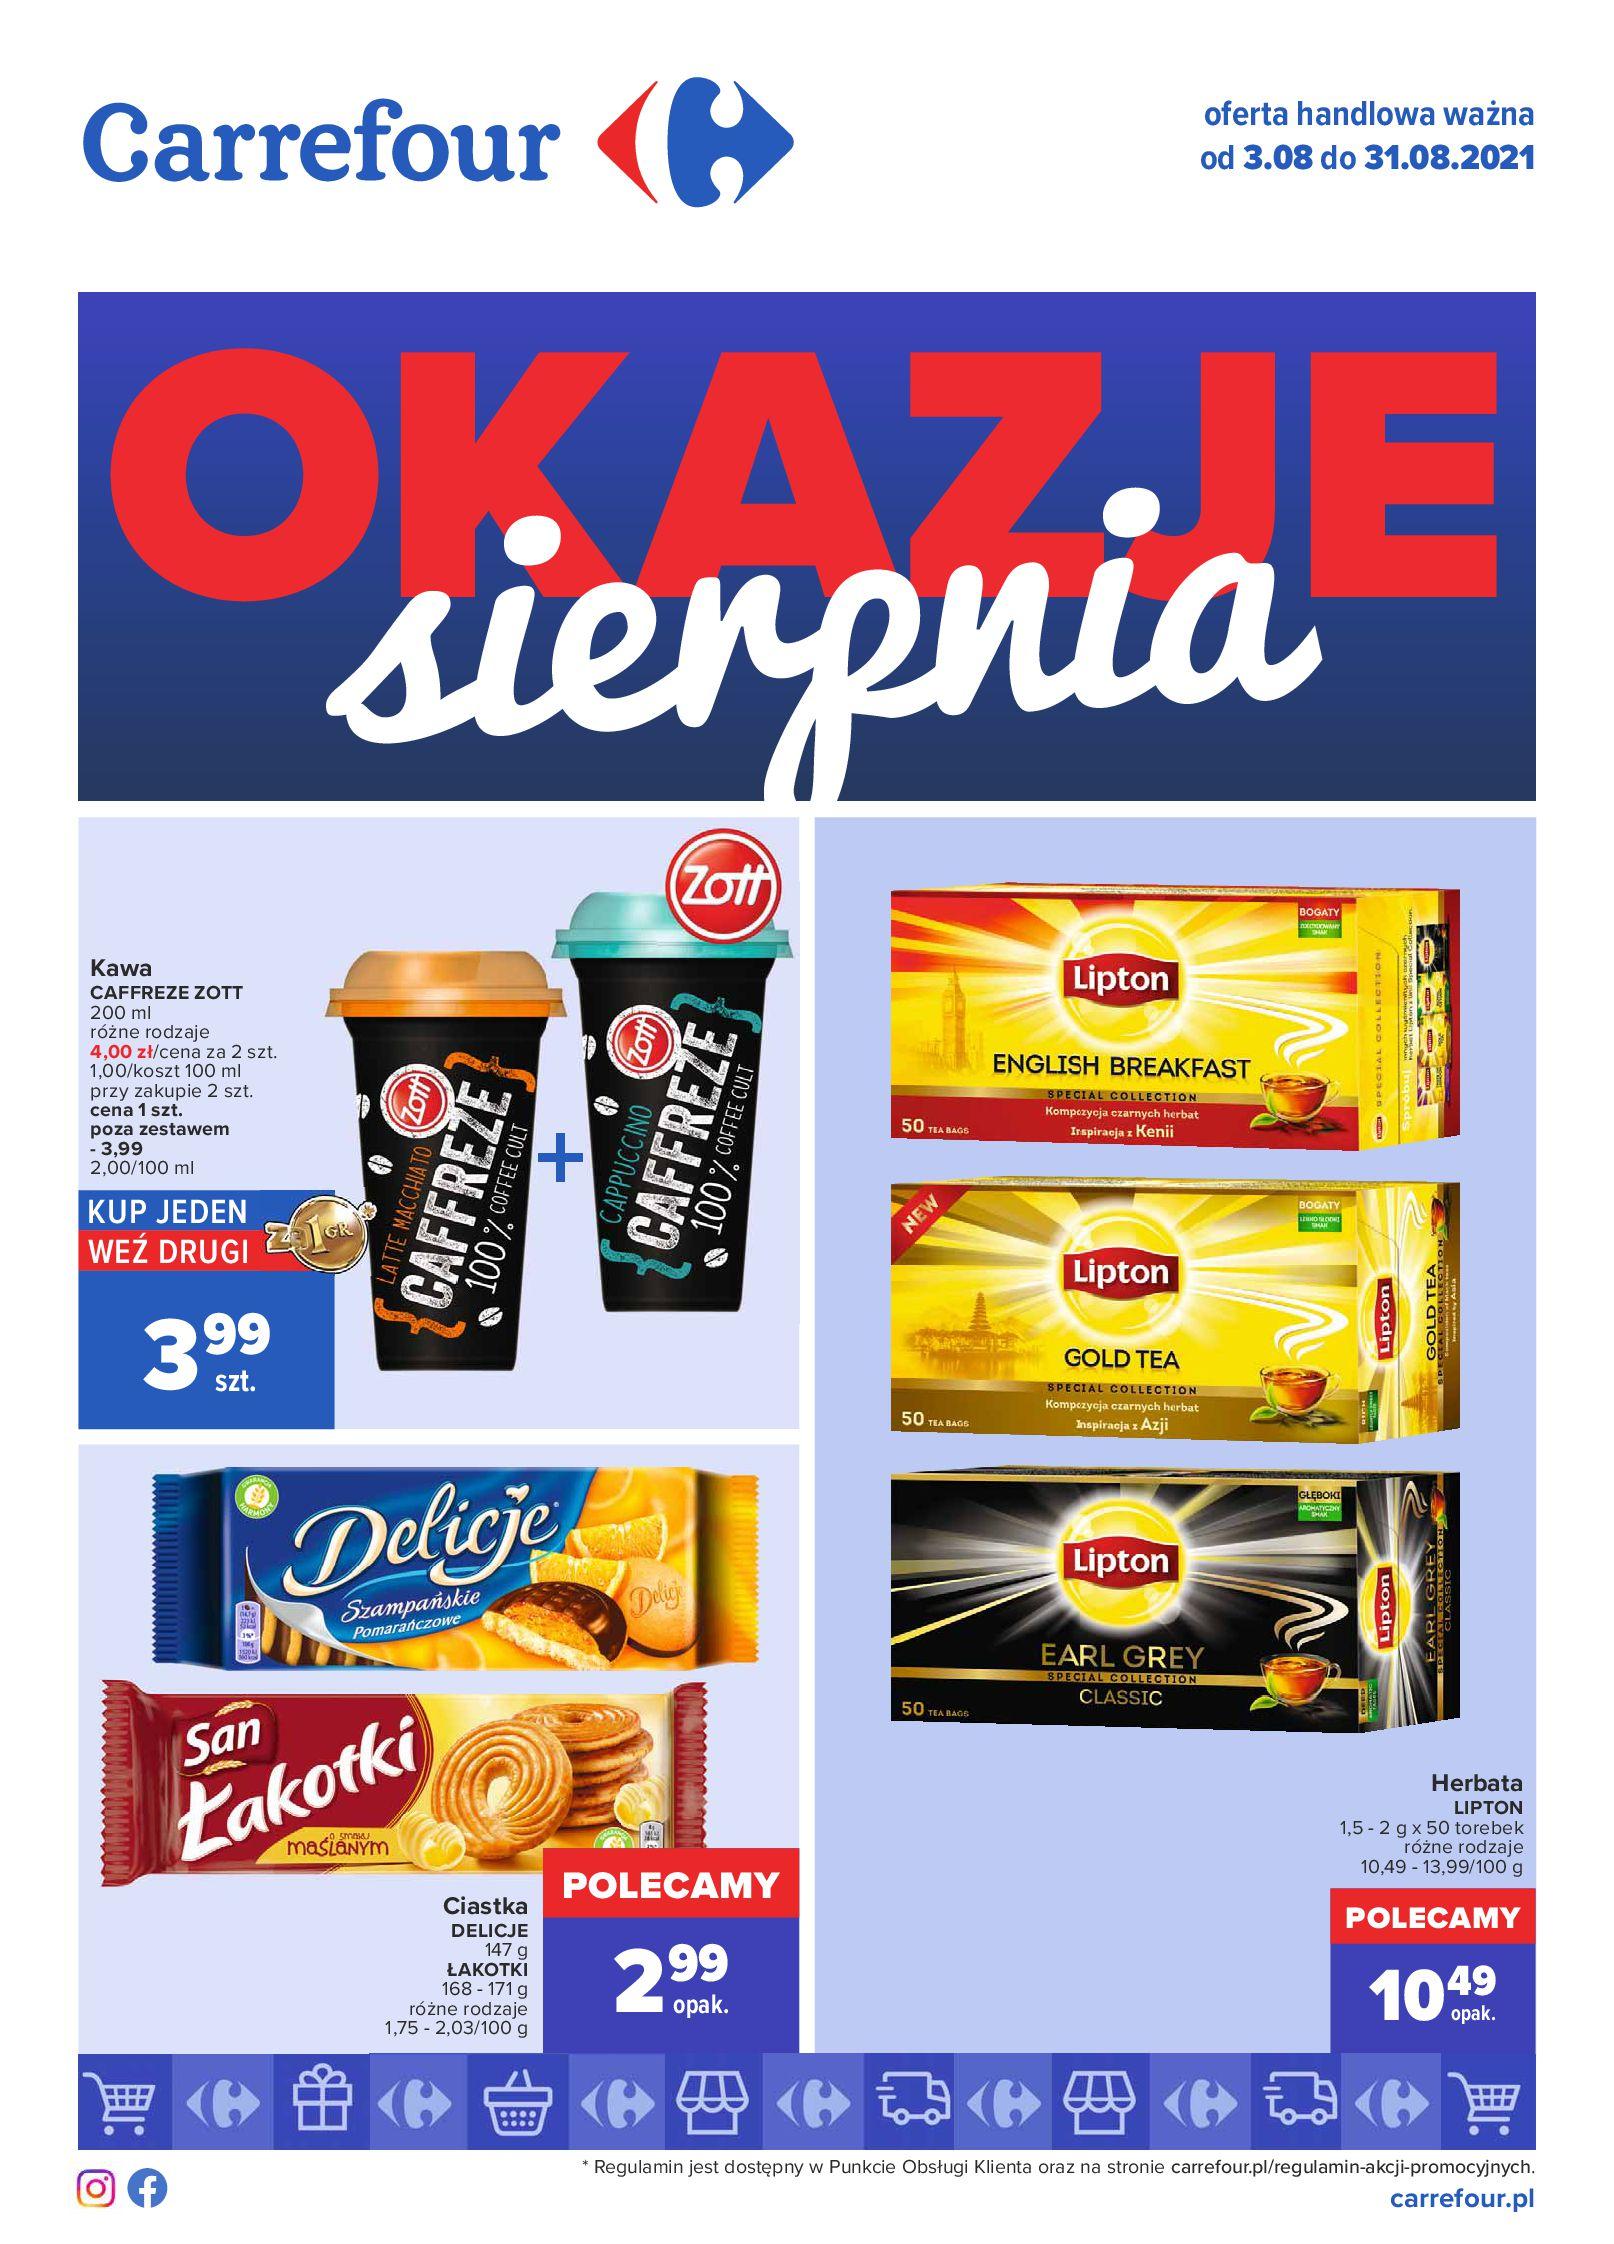 Carrefour:  Gazetka Carrefour - Okazje sierpnia 02.08.2021